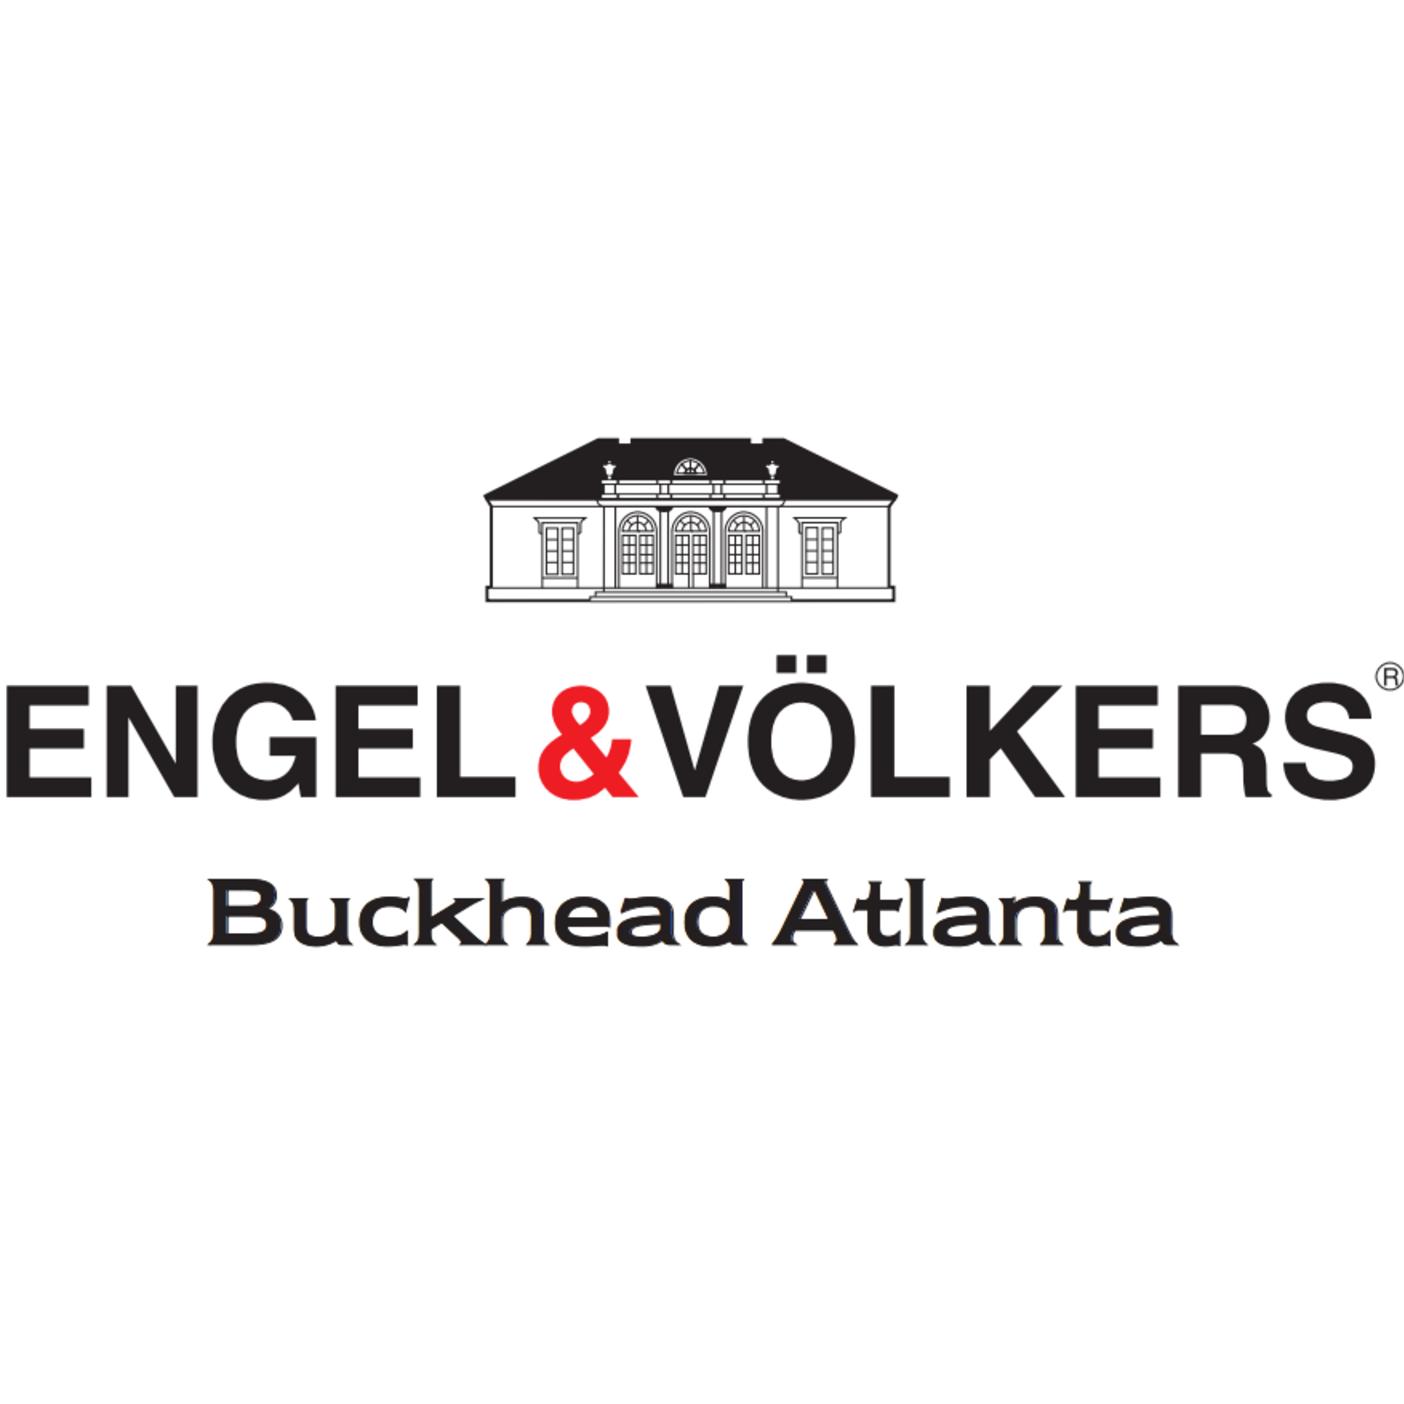 Bobbie Schmitt | Engel & Völkers, Buckhead-Atlanta